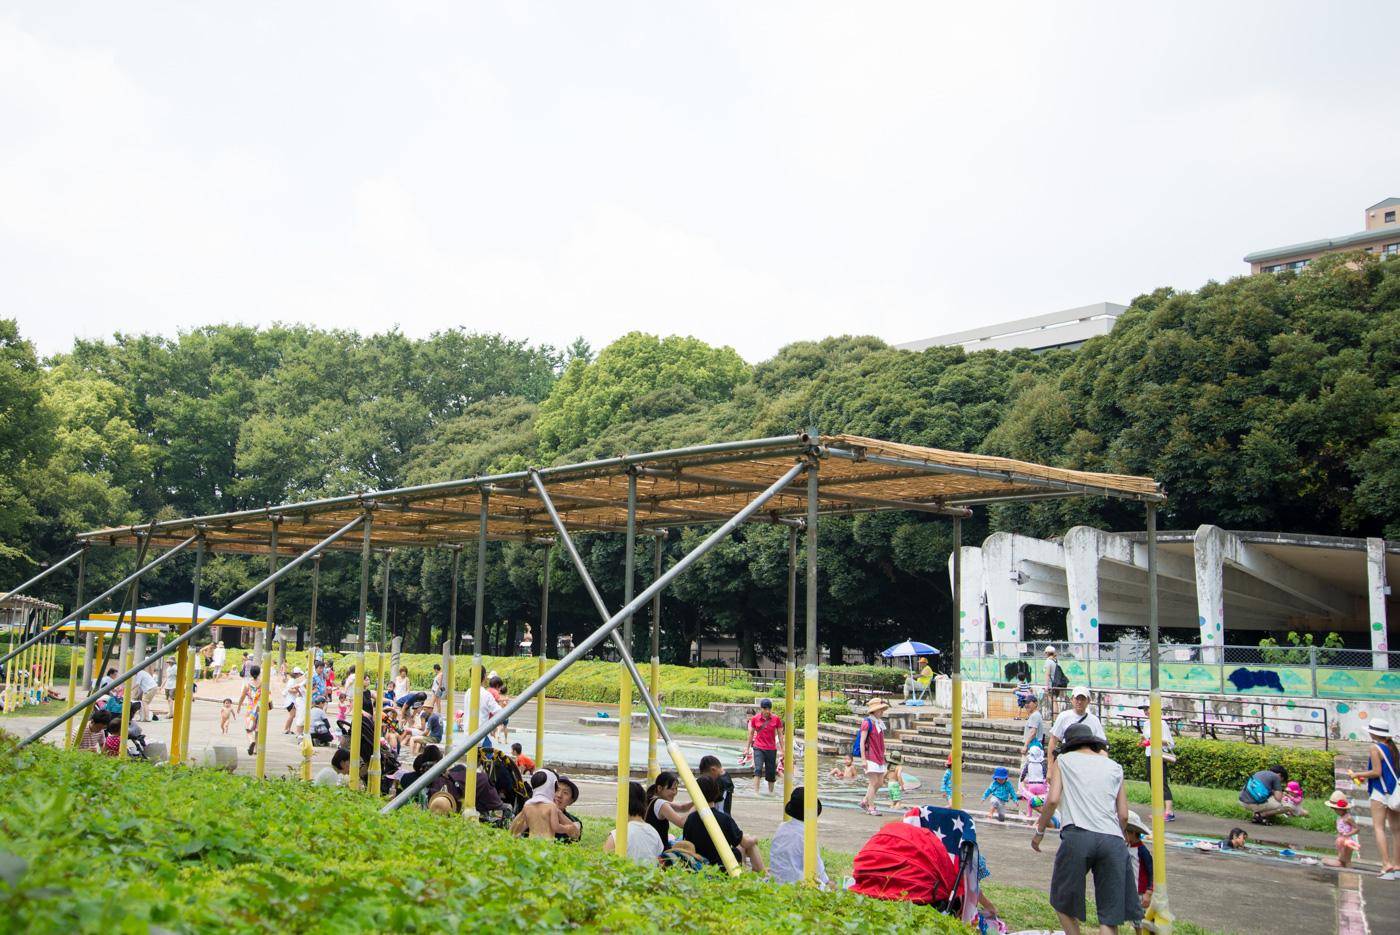 ジャブジャブ池の日陰スポット。お弁当を食べたり(駒沢オリンピック公園)